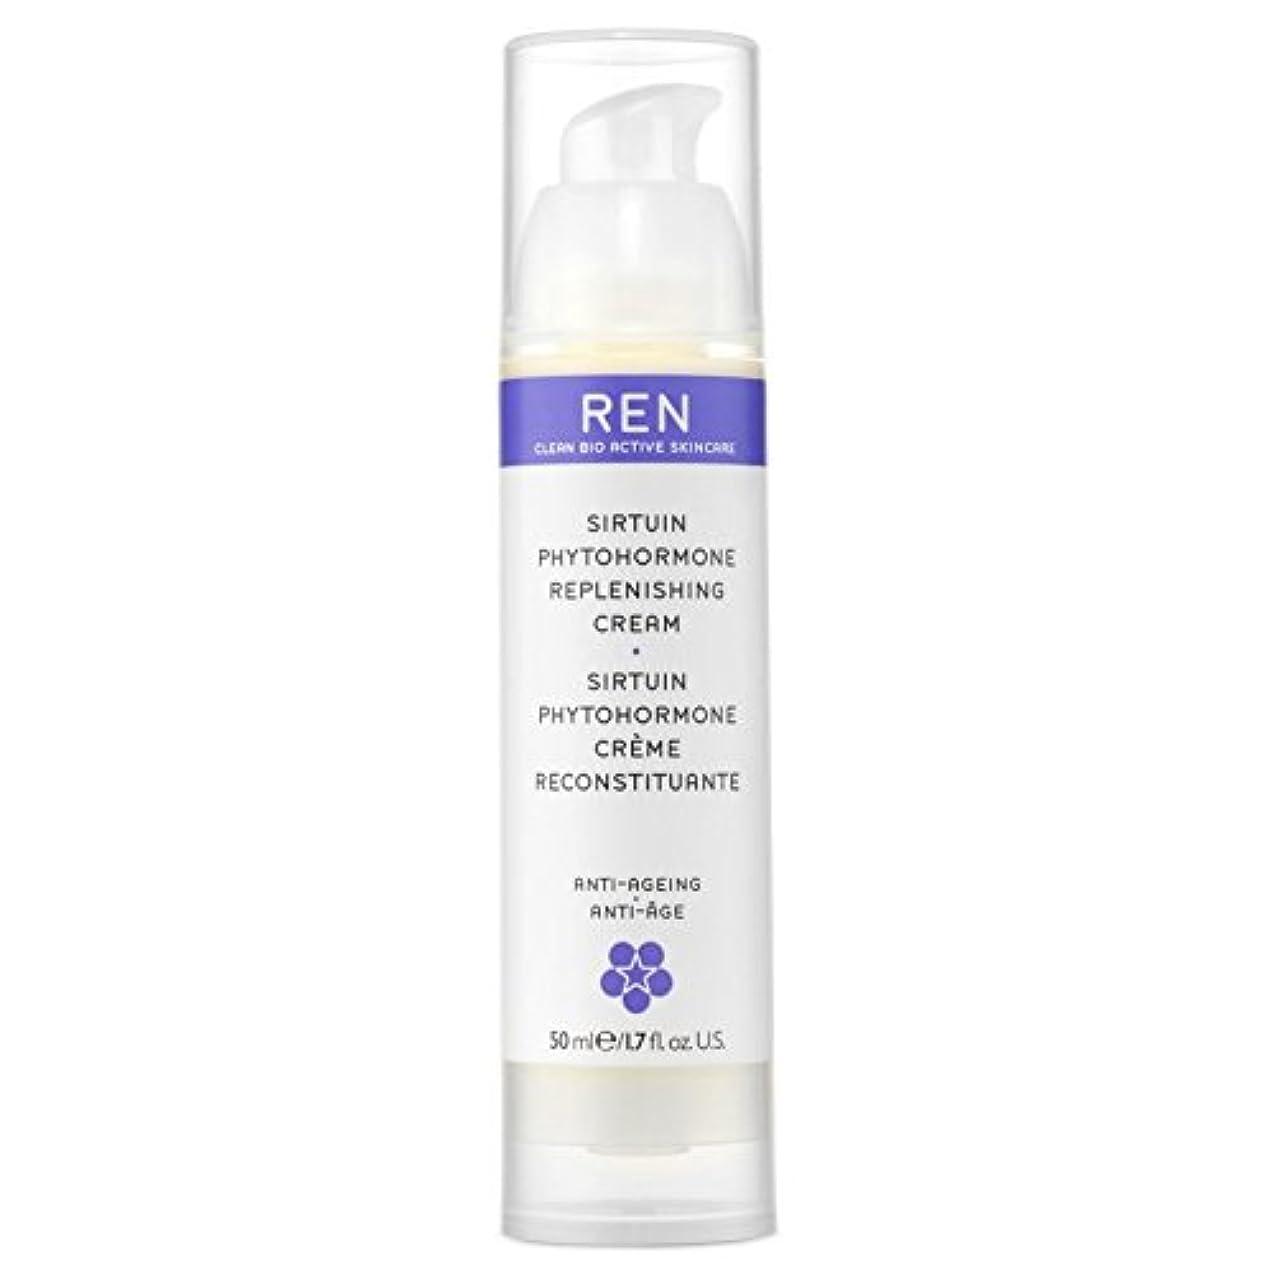 変更可能投資キラウエア山REN Sirtuin Phytohormone Replenishing Cream - サーチュイン植物ホルモン補充クリーム [並行輸入品]